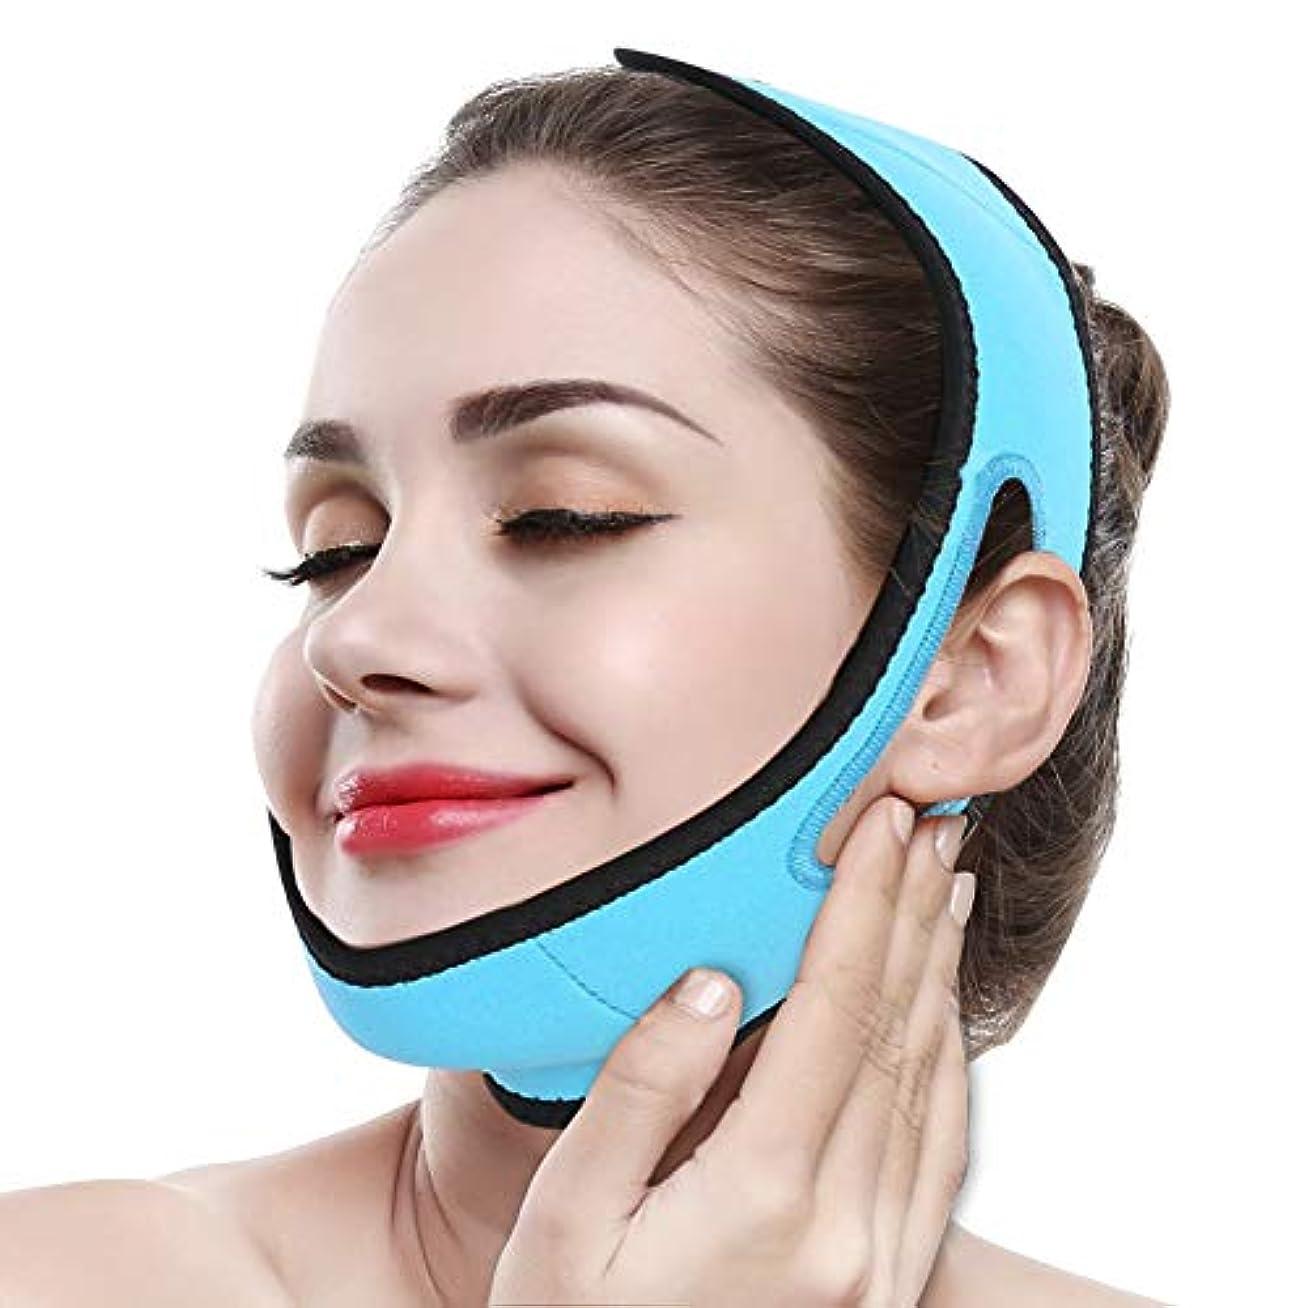 ダーベビルのテス喪抵抗力があるマッサージシリコーンのパッド、Vラインベルトの顔のマスクが付いている包帯の引き締めの顔を痩身Semmeの表面持ち上がること